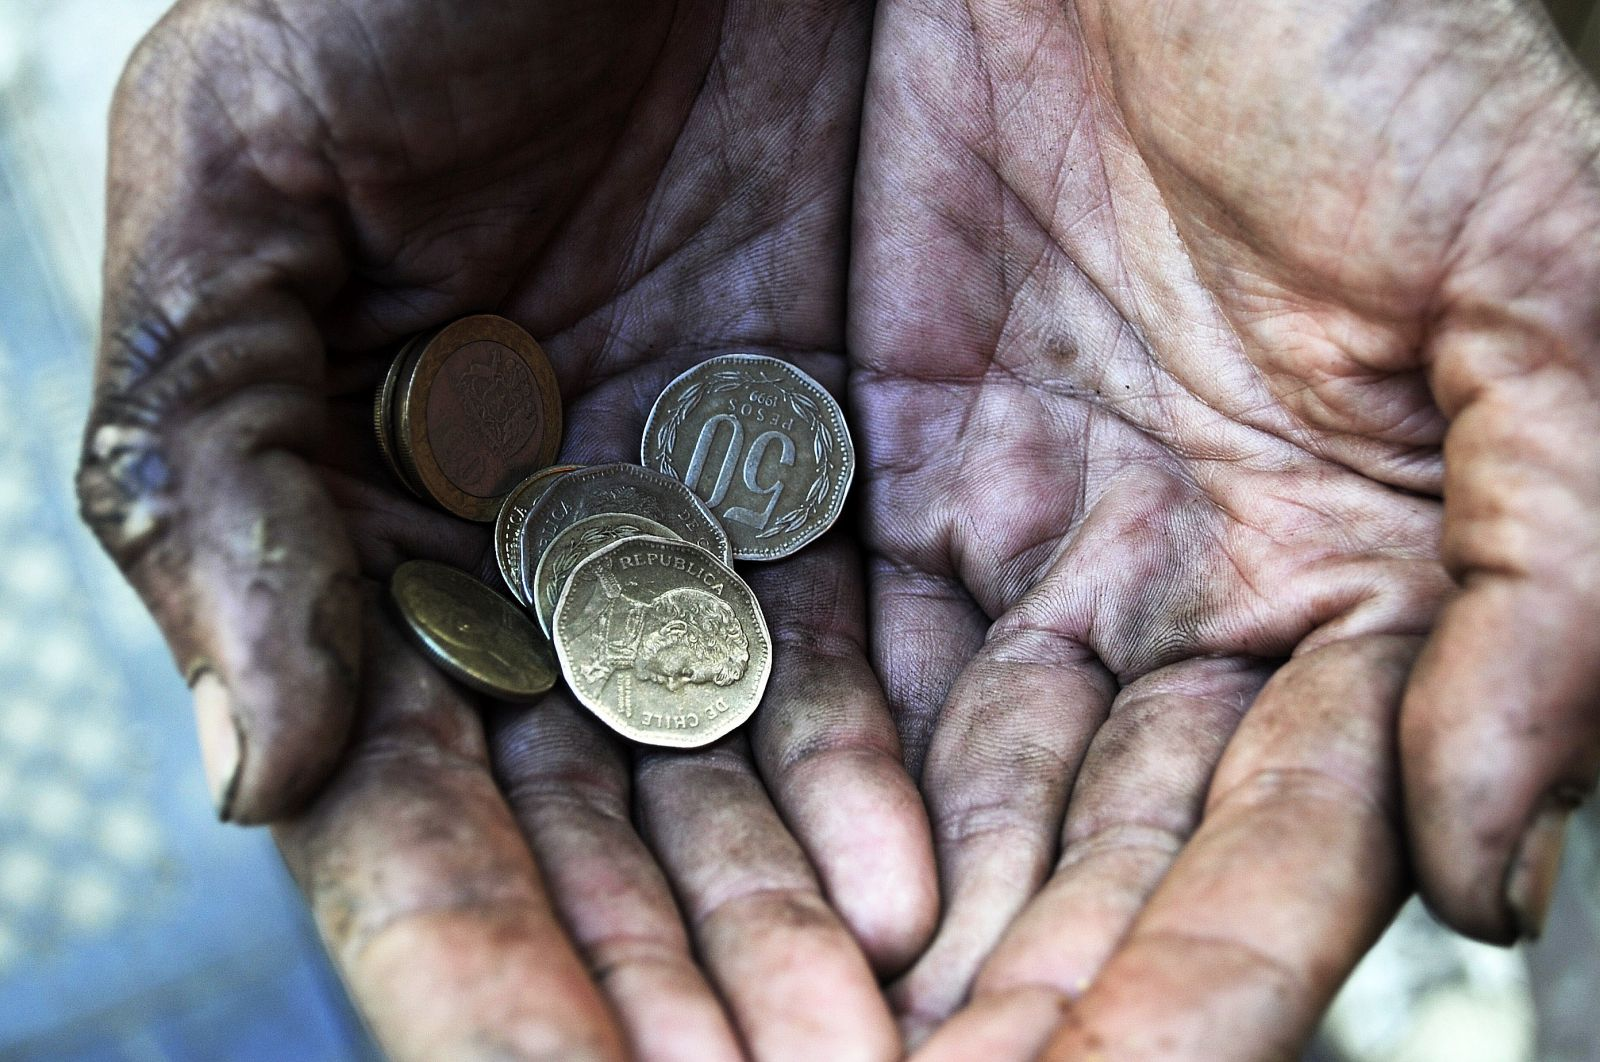 La pobreza extrema en el mundo sigue bajando, pero podría persistir en 2030